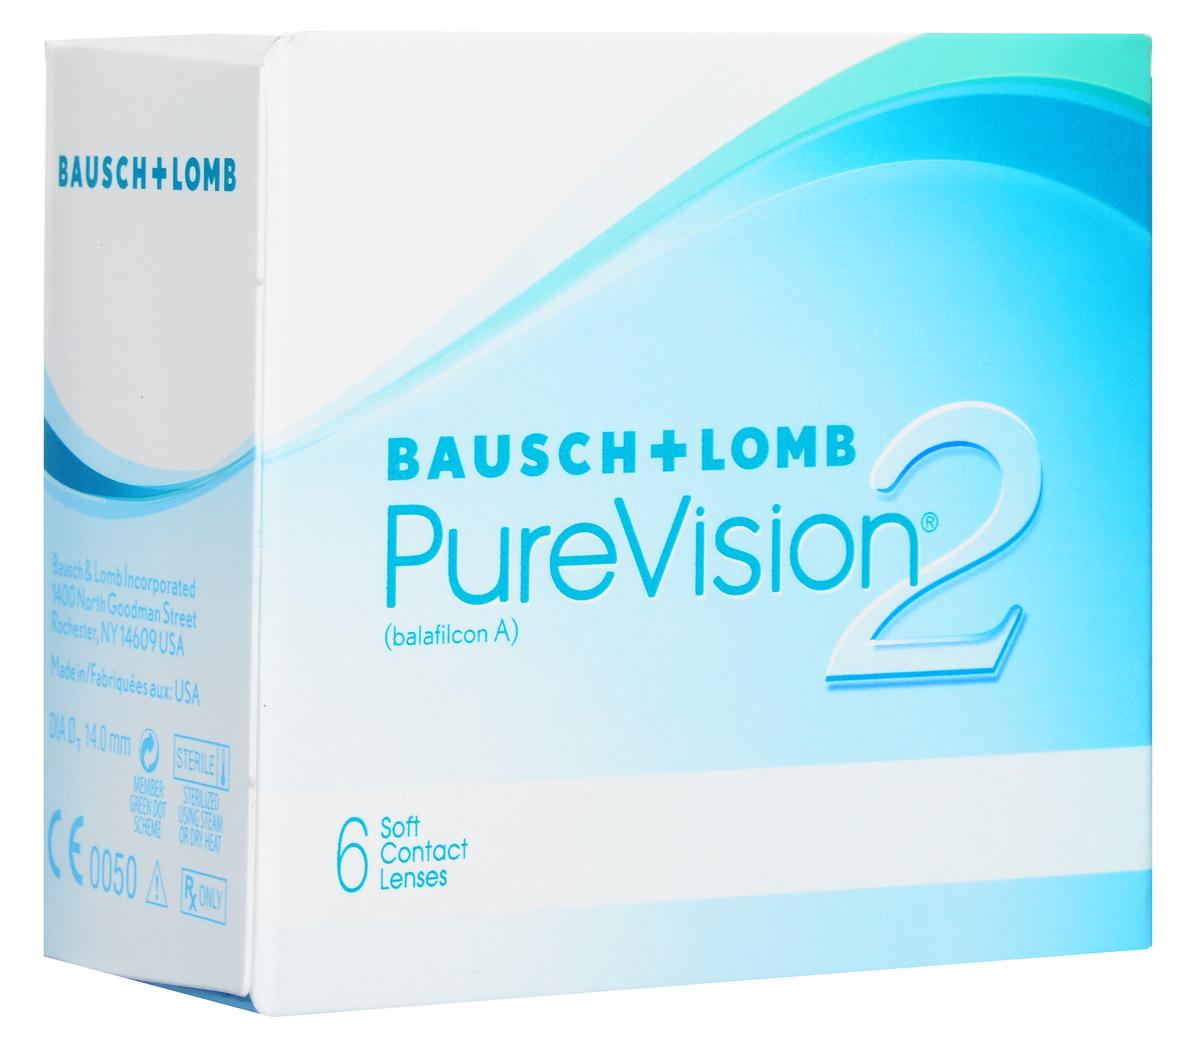 Bausch + Lomb контактные линзы Pure Vision 2 (6шт / 8.6 / -2.25)38266Pure Vision 2 - асферические контактные линзы. Новейшая контактная линза Pure Vision 2 HD с высокой оптической четкостью от всемирно известного производителя Bausch + Lomb. Эти линзы создавались, чтобы производить коррекцию сферической аберрации, что позволит добиться великолепной четкости зрения. Сферическая аберрация может стать причиной понижения остроты зрения, особенно в условии плохой освещенности, что может привести к ухудшению зрения и засвету. Так же, используя оптику High Definition, вы обретете четкое и хорошее зрение, особенно в условии плохой видимости. Данная линза - наиболее тонкая, представленная в настоящее время на рынке. Она имеет тончайший закругленный край, что дает возможность абсолютно не ощущать их при ношении. Комфортное ношение обеспечивается при помощи технологии ComfortMoist. Представленные линзы упаковывают в блистер с уникальным раствором, который хорошо увлажняет линзу, обеспечивая максимально возможное комфортное ношение. Замена через 1 месяц.